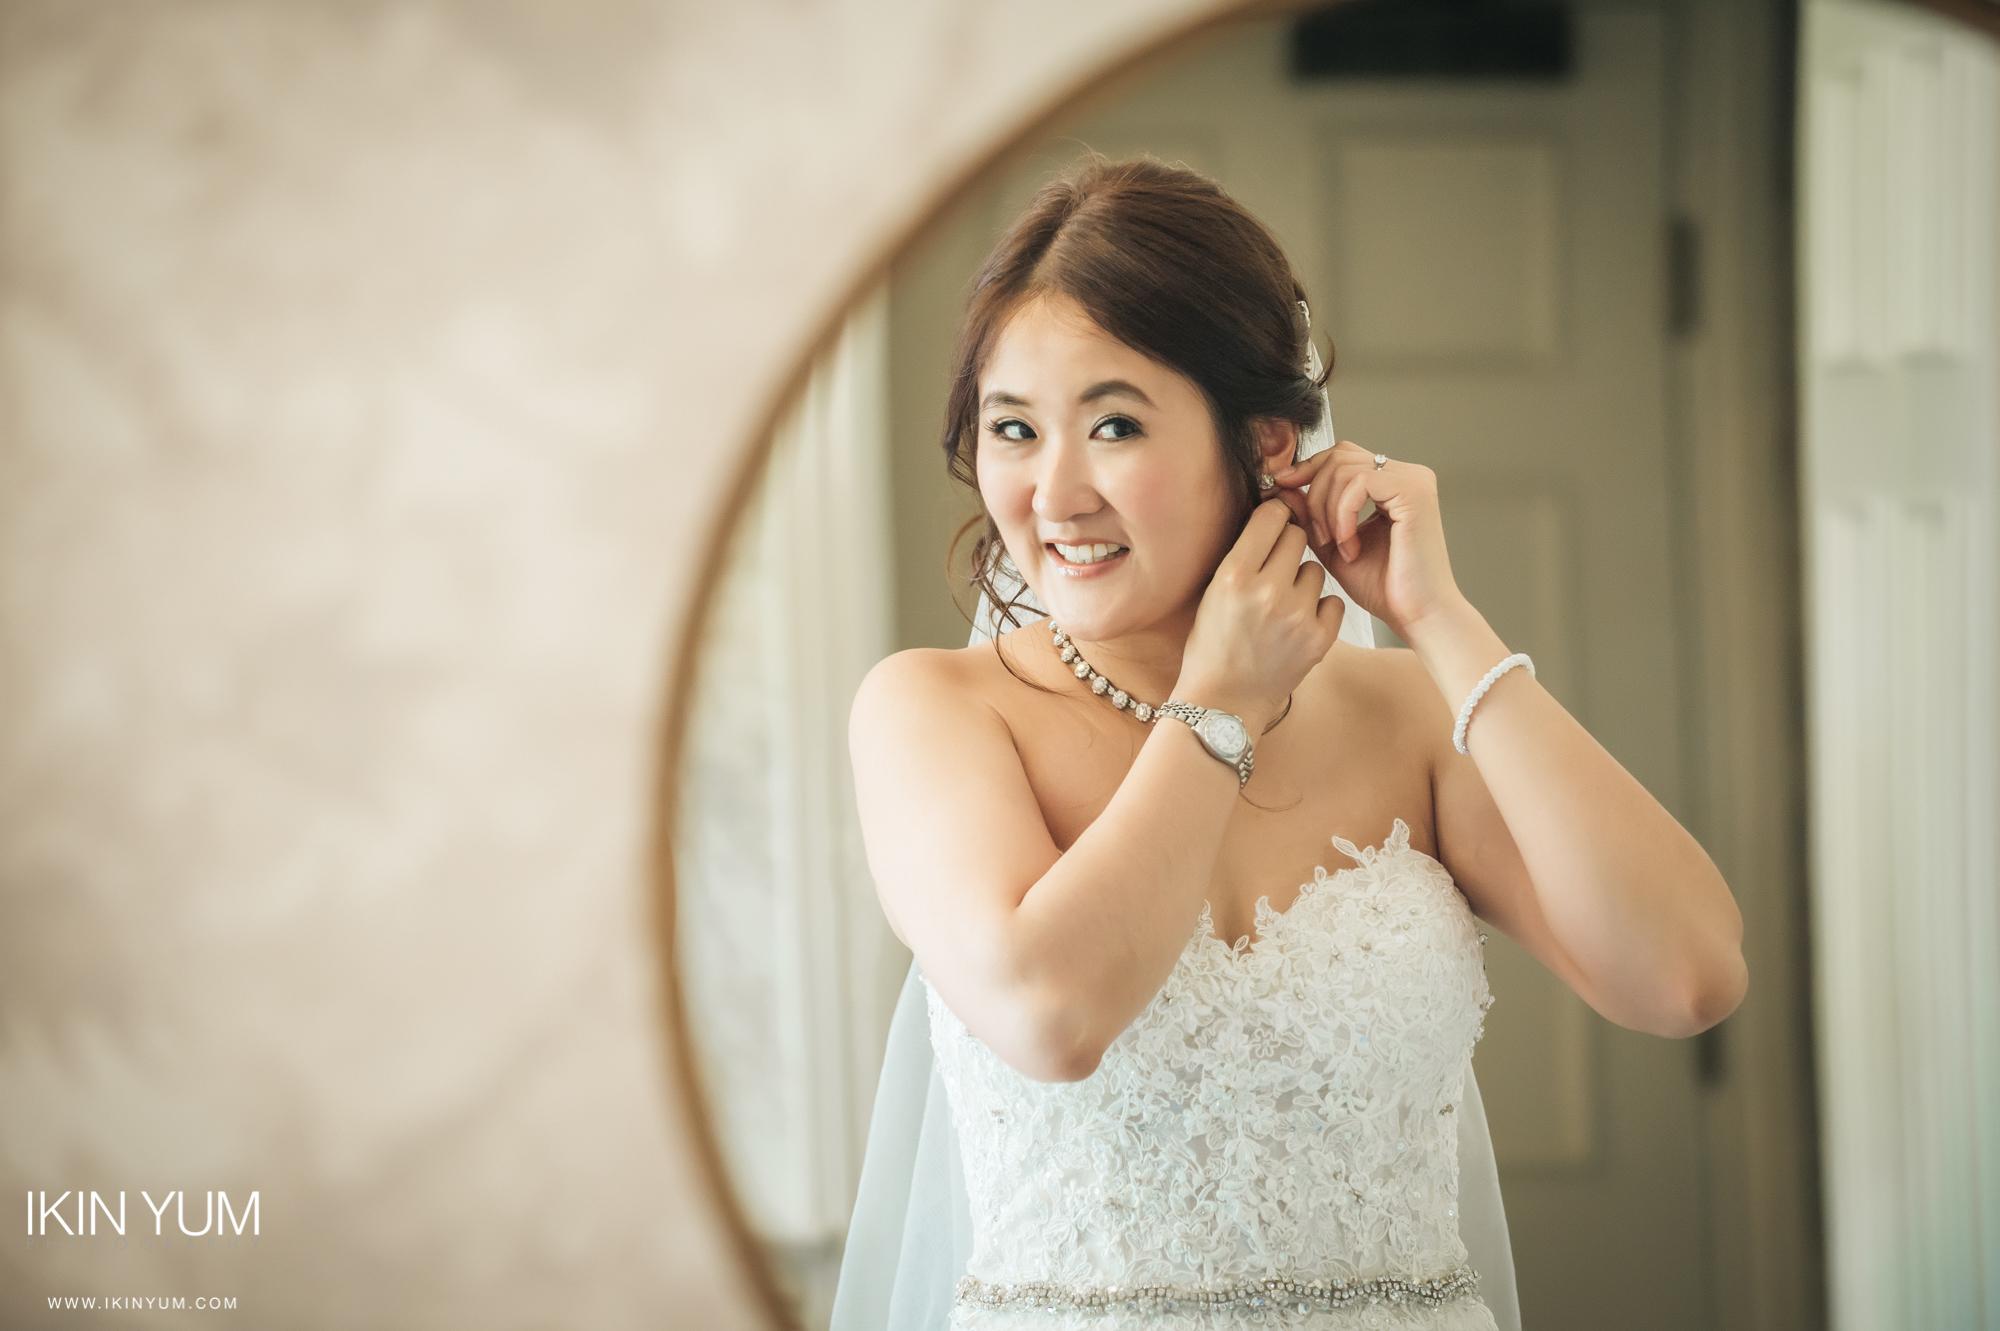 Teresa & Johnathan Weddong Day - Bridal Preparation-0179.jpg